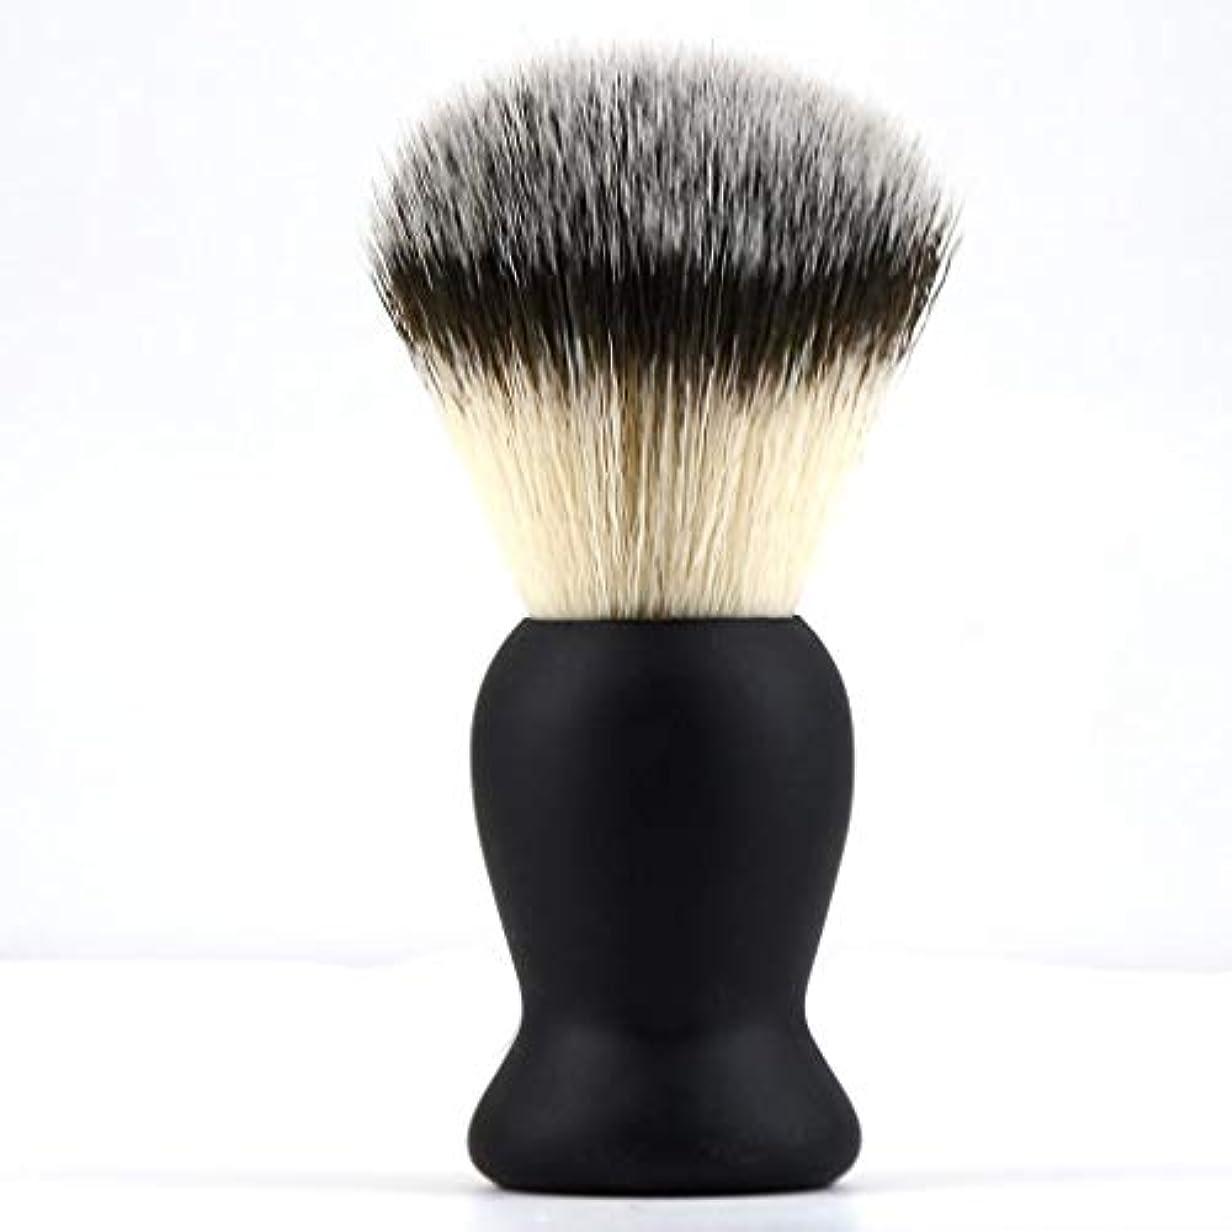 朝警察同級生P Prettyia メンズ 理髪用 首/顔 髭剃り シェービングブラシ ひげブラシ 毛髭ブラシ ひげ剃り 理容 洗顔